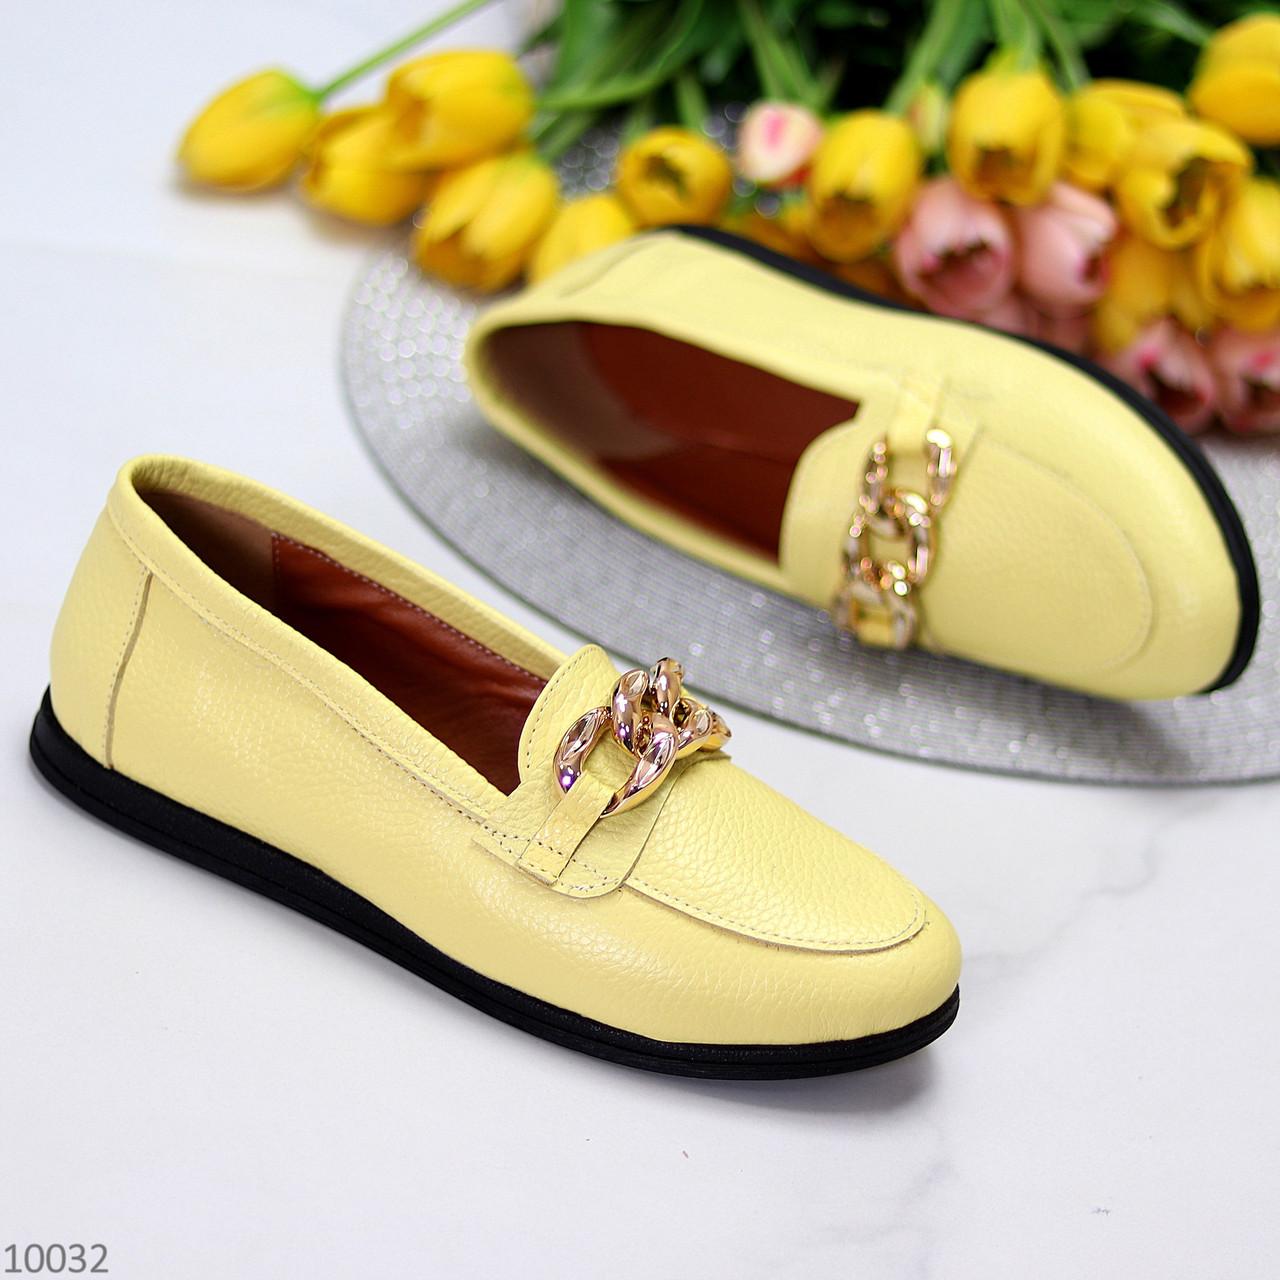 Женские лоферы- мокасины- балетки желтые с цепочкой натуральная кожа